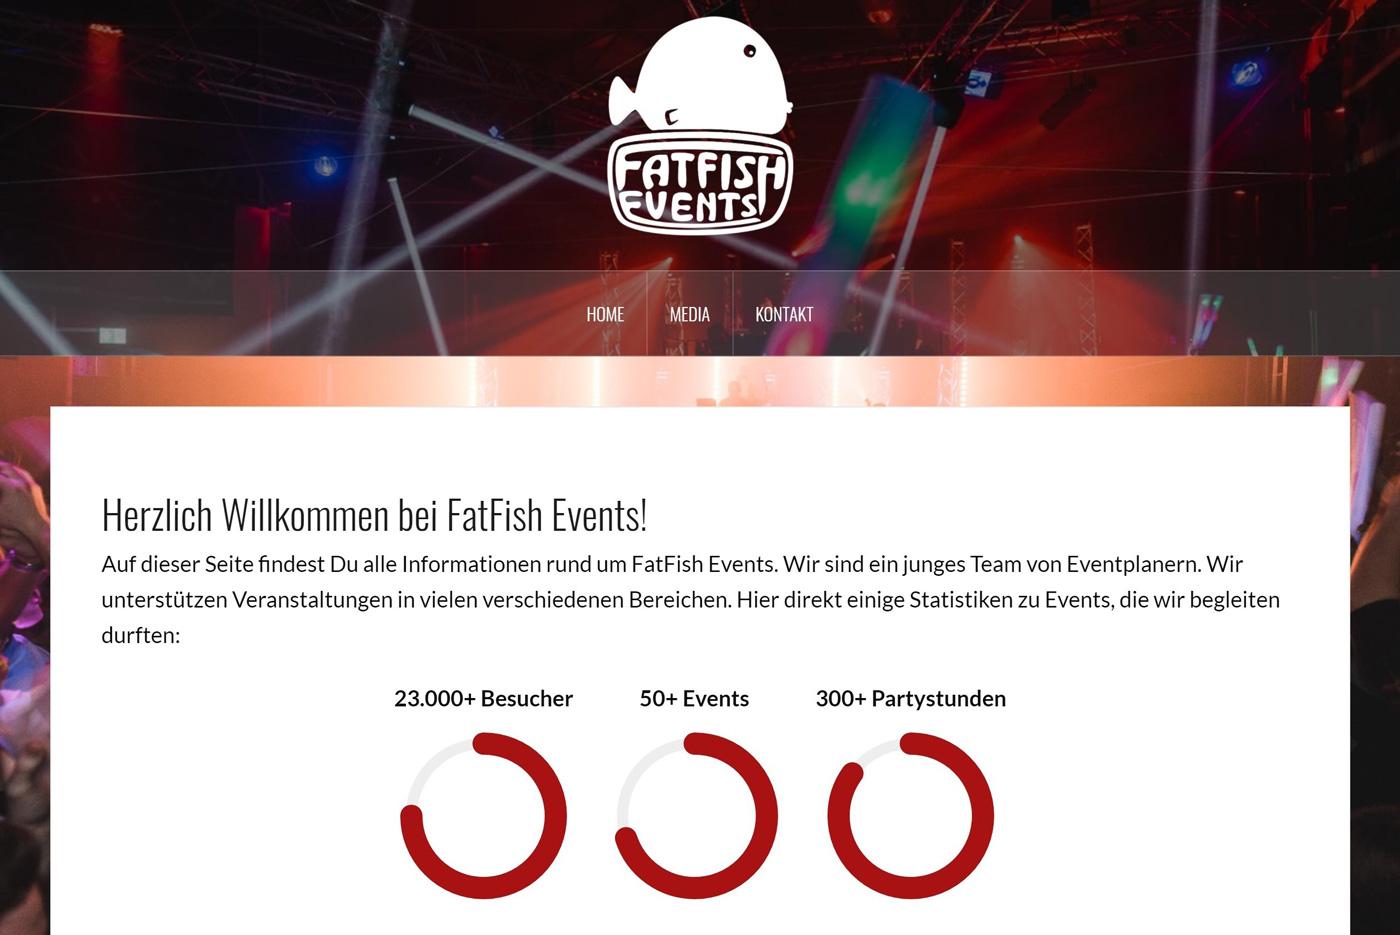 SquaredWebdesign_Referenz_FatFishEvents